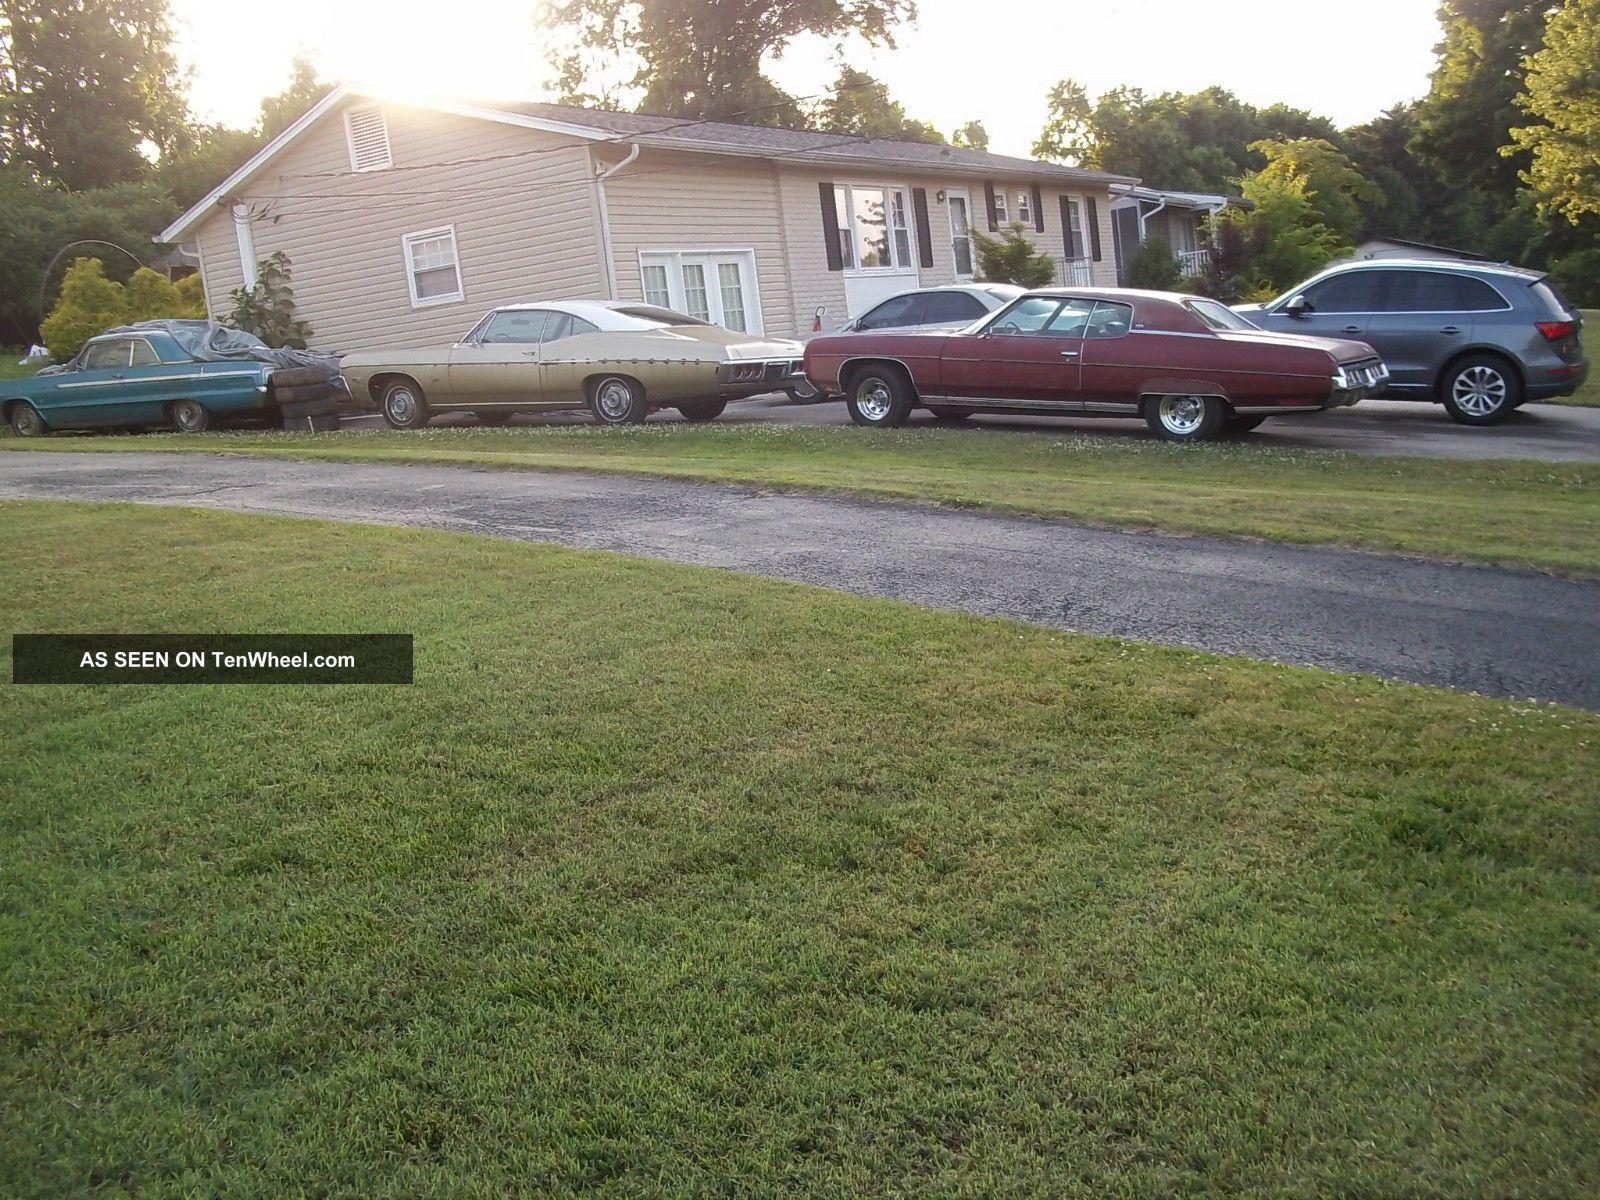 1973 2dr Caprice / Impala Impala photo